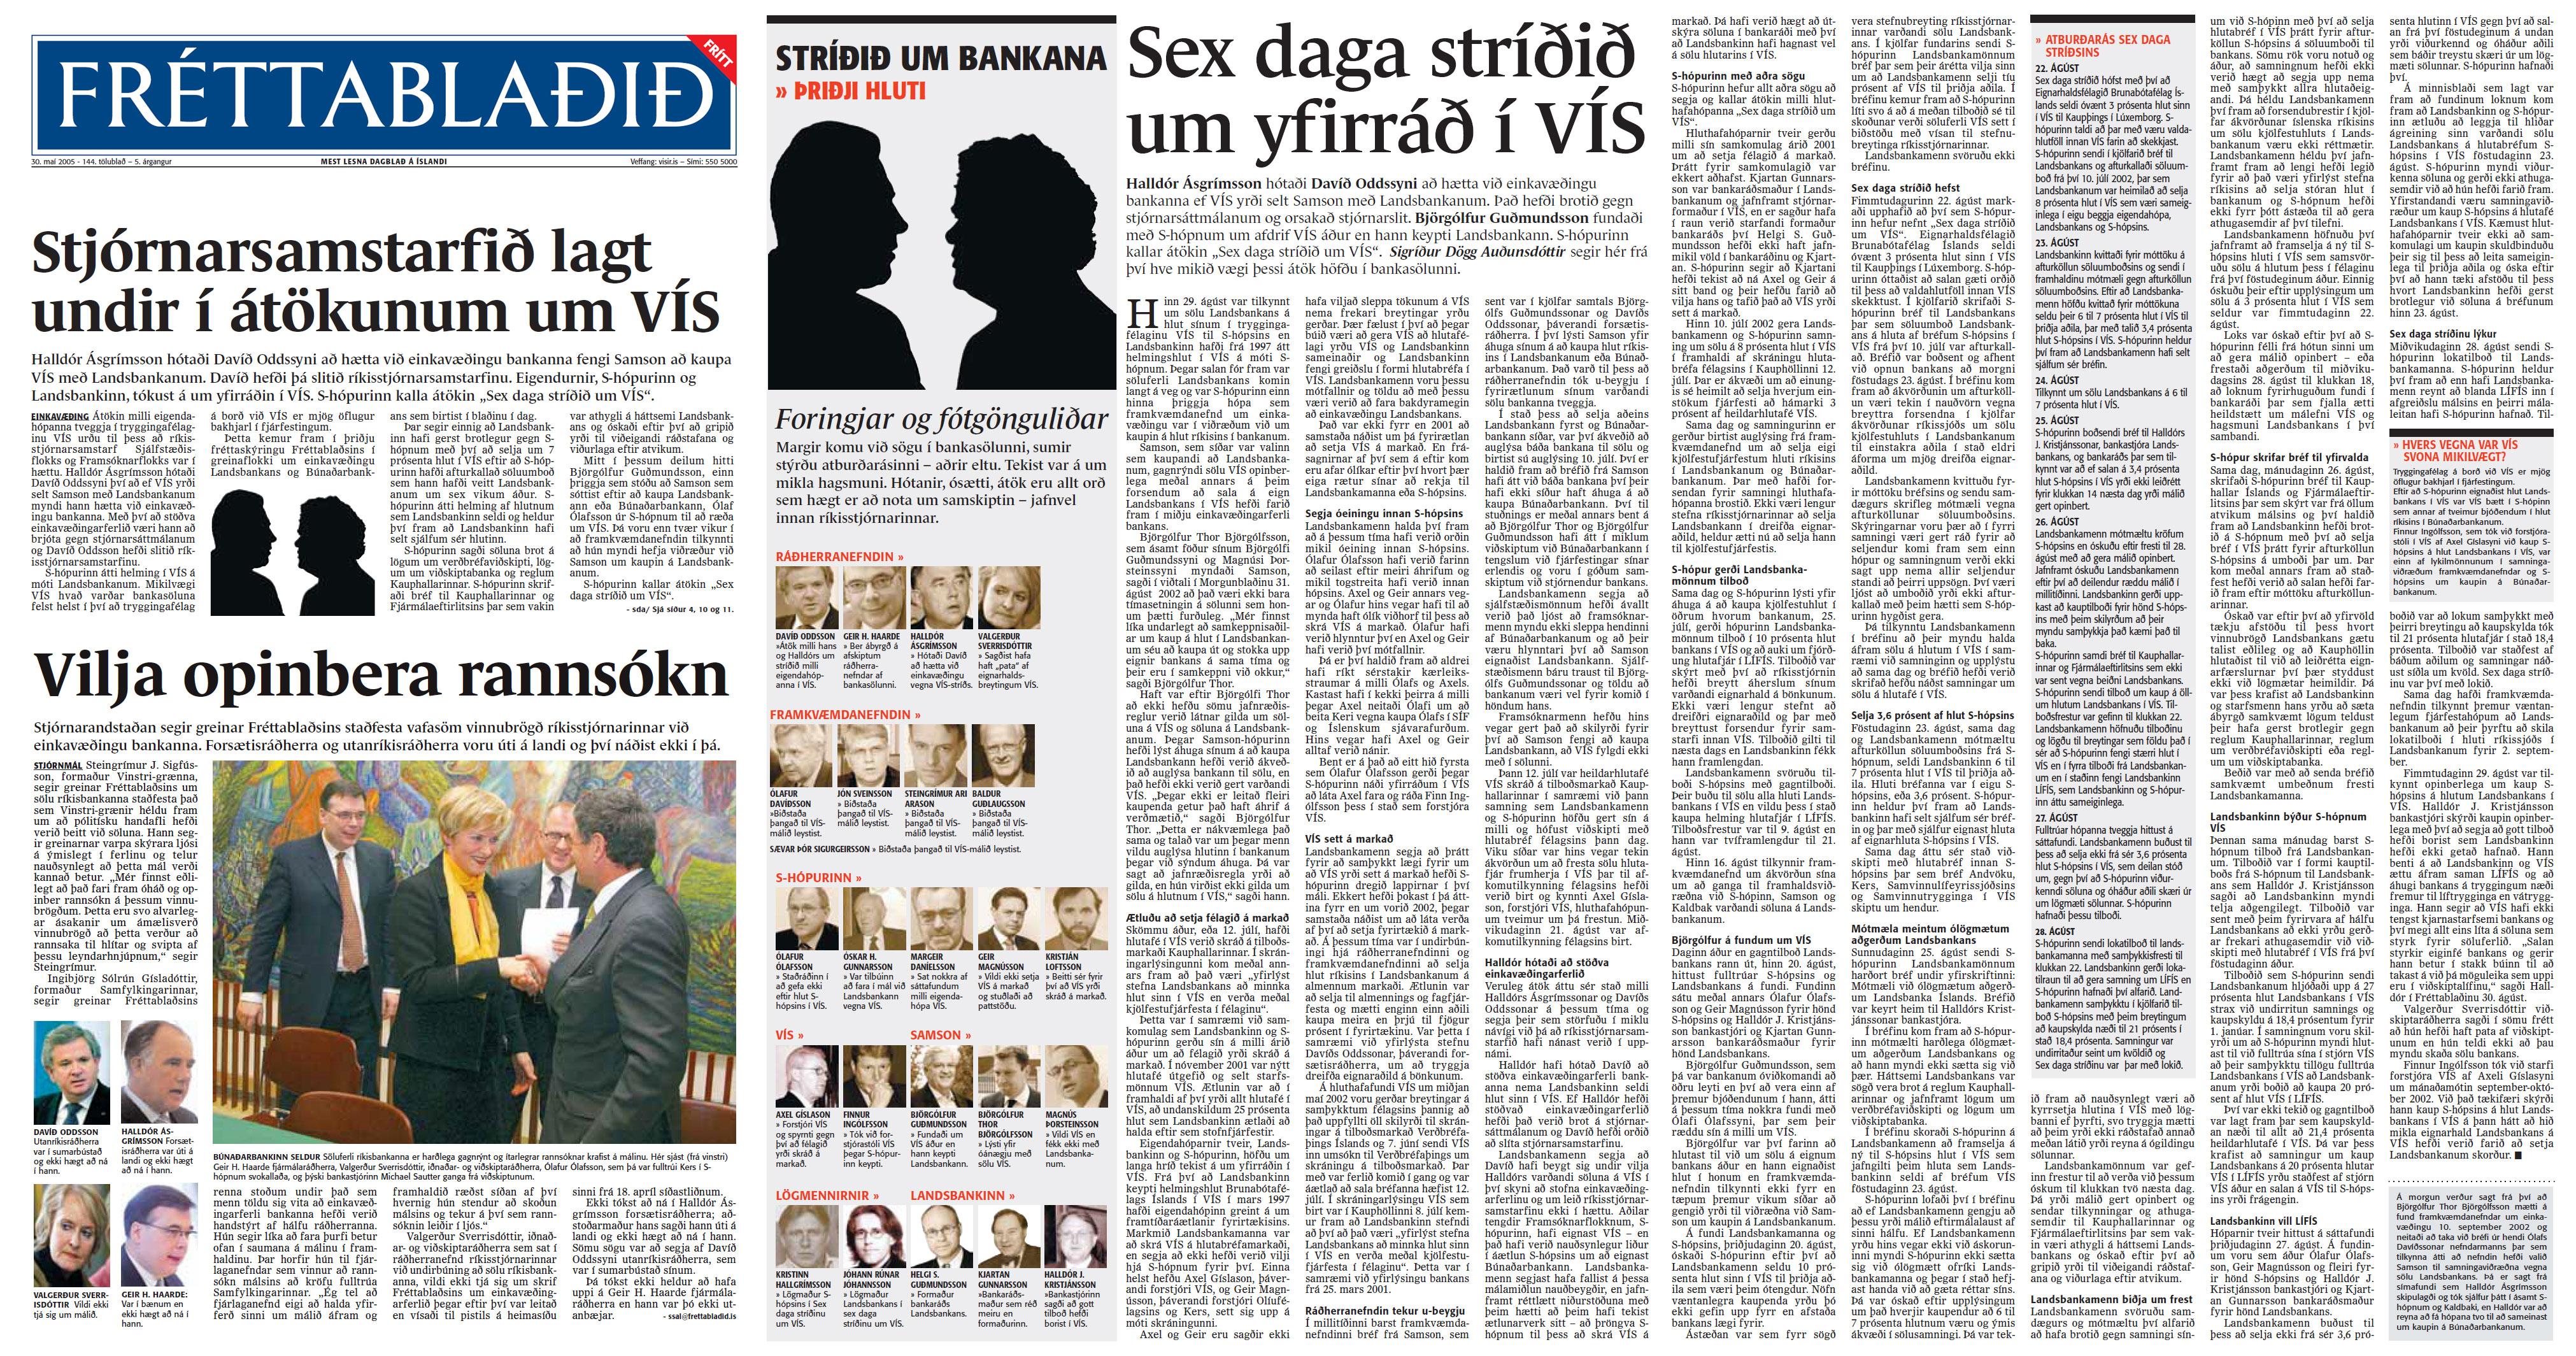 Stríðið um bankana 3:4 - Sigríður Dögg Auðunsdóttir - Fréttablaðið 30. maí 2005